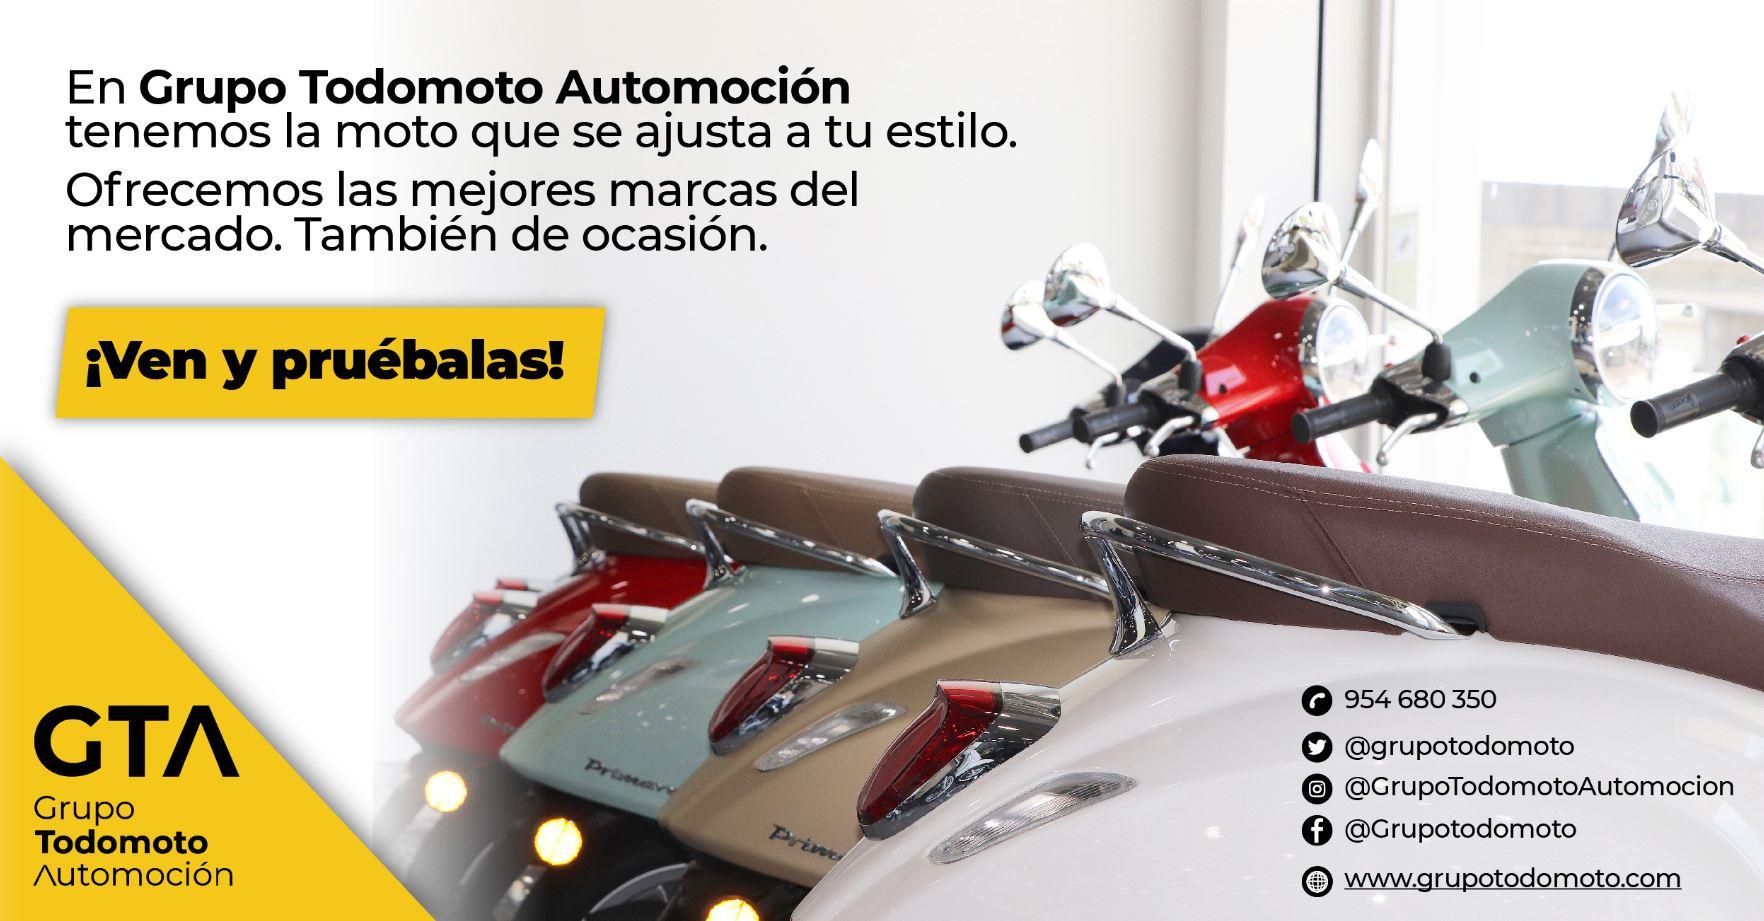 El sector de la moto prevé aumentar las ventas un 3% en 2020